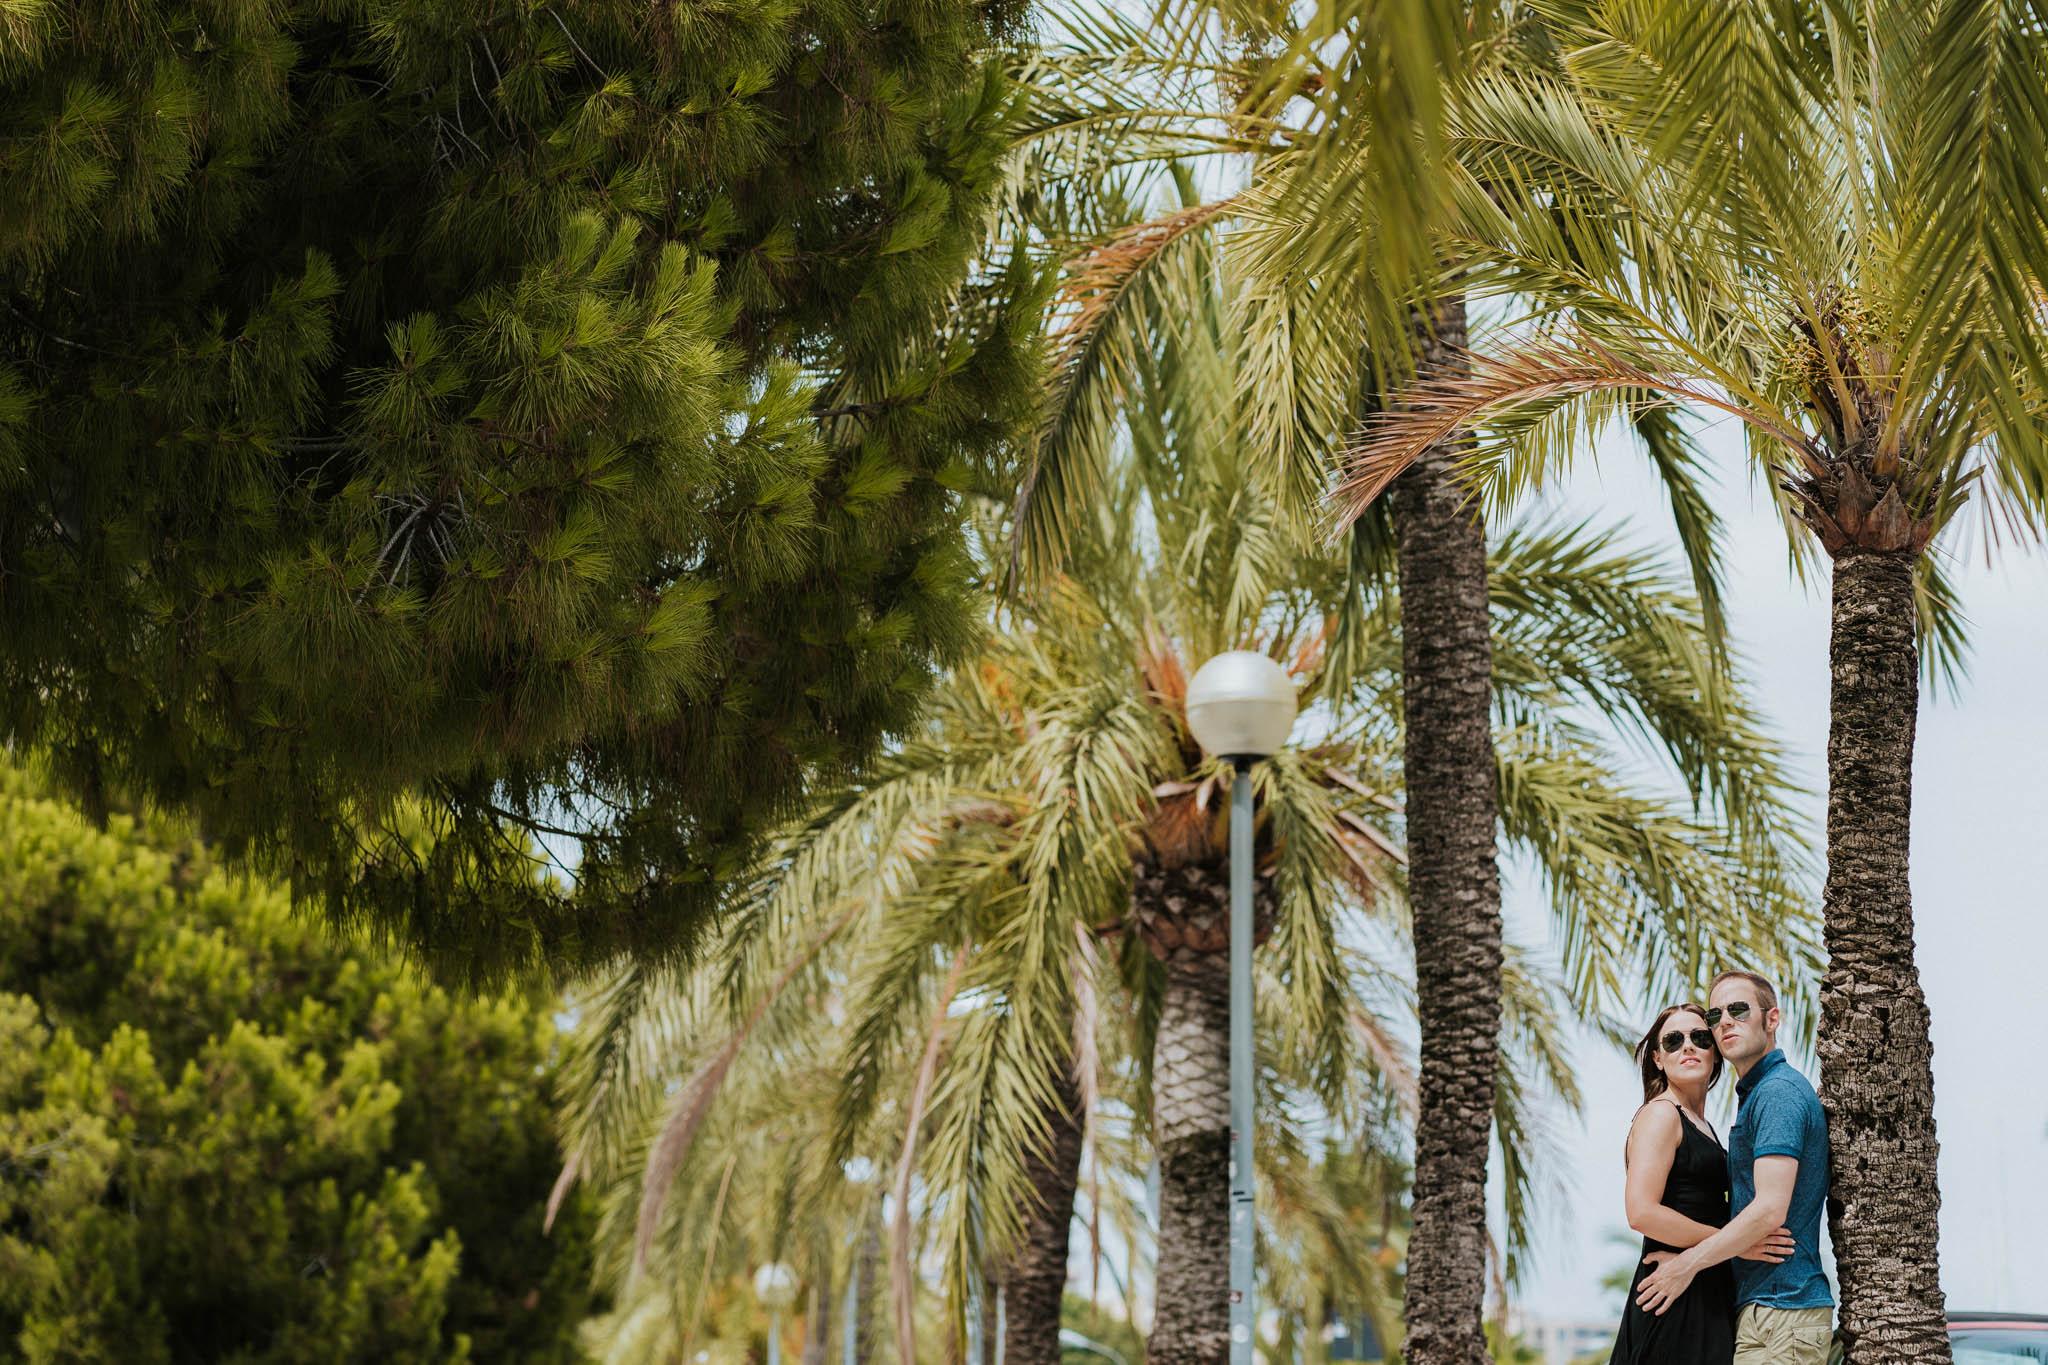 destination-wedding-photography-spain-palma-de-mallorca (4)